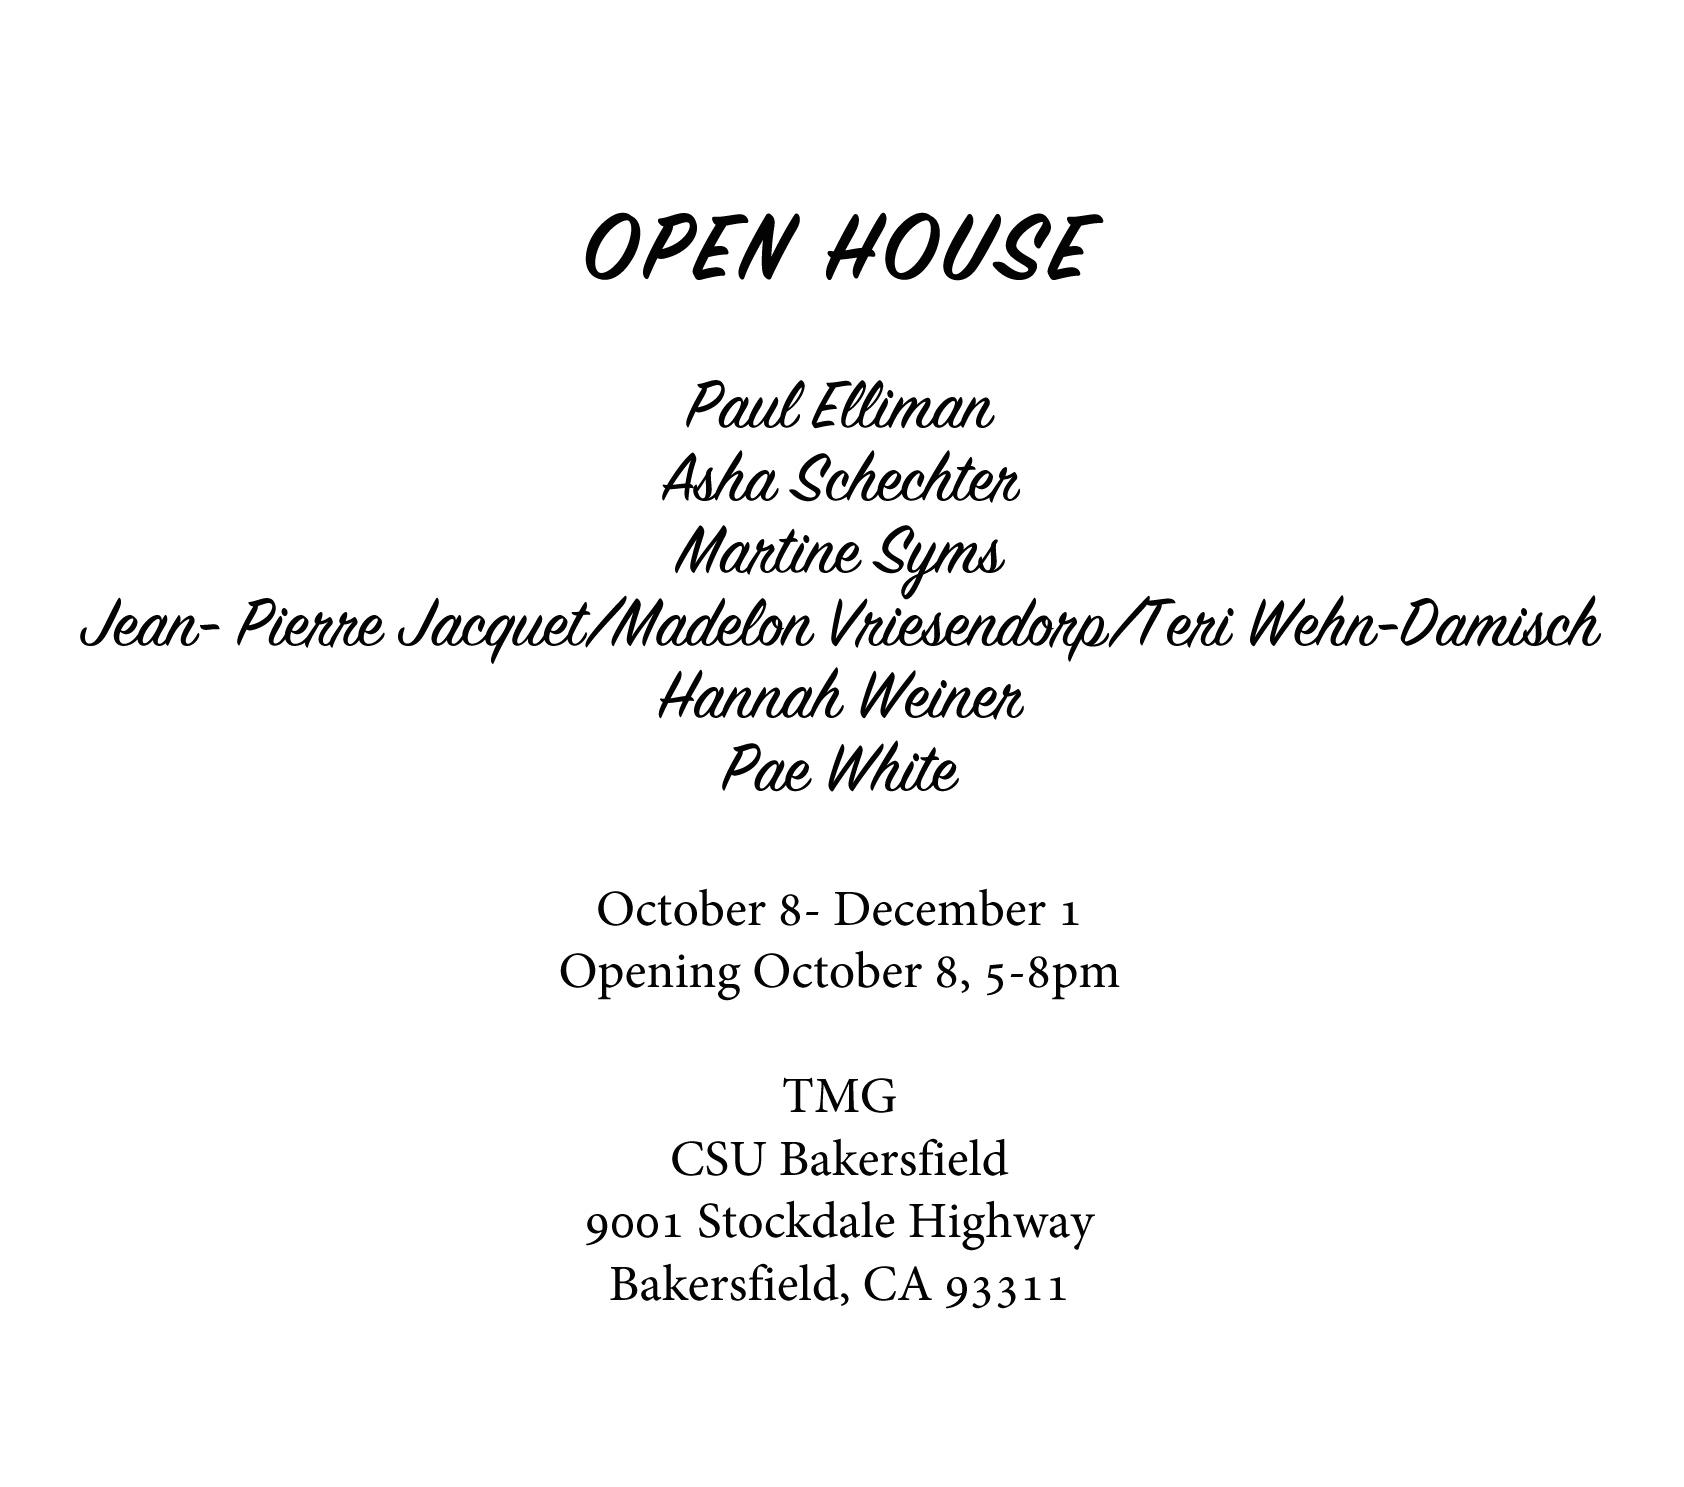 OPEN HOUSE poster.jpg